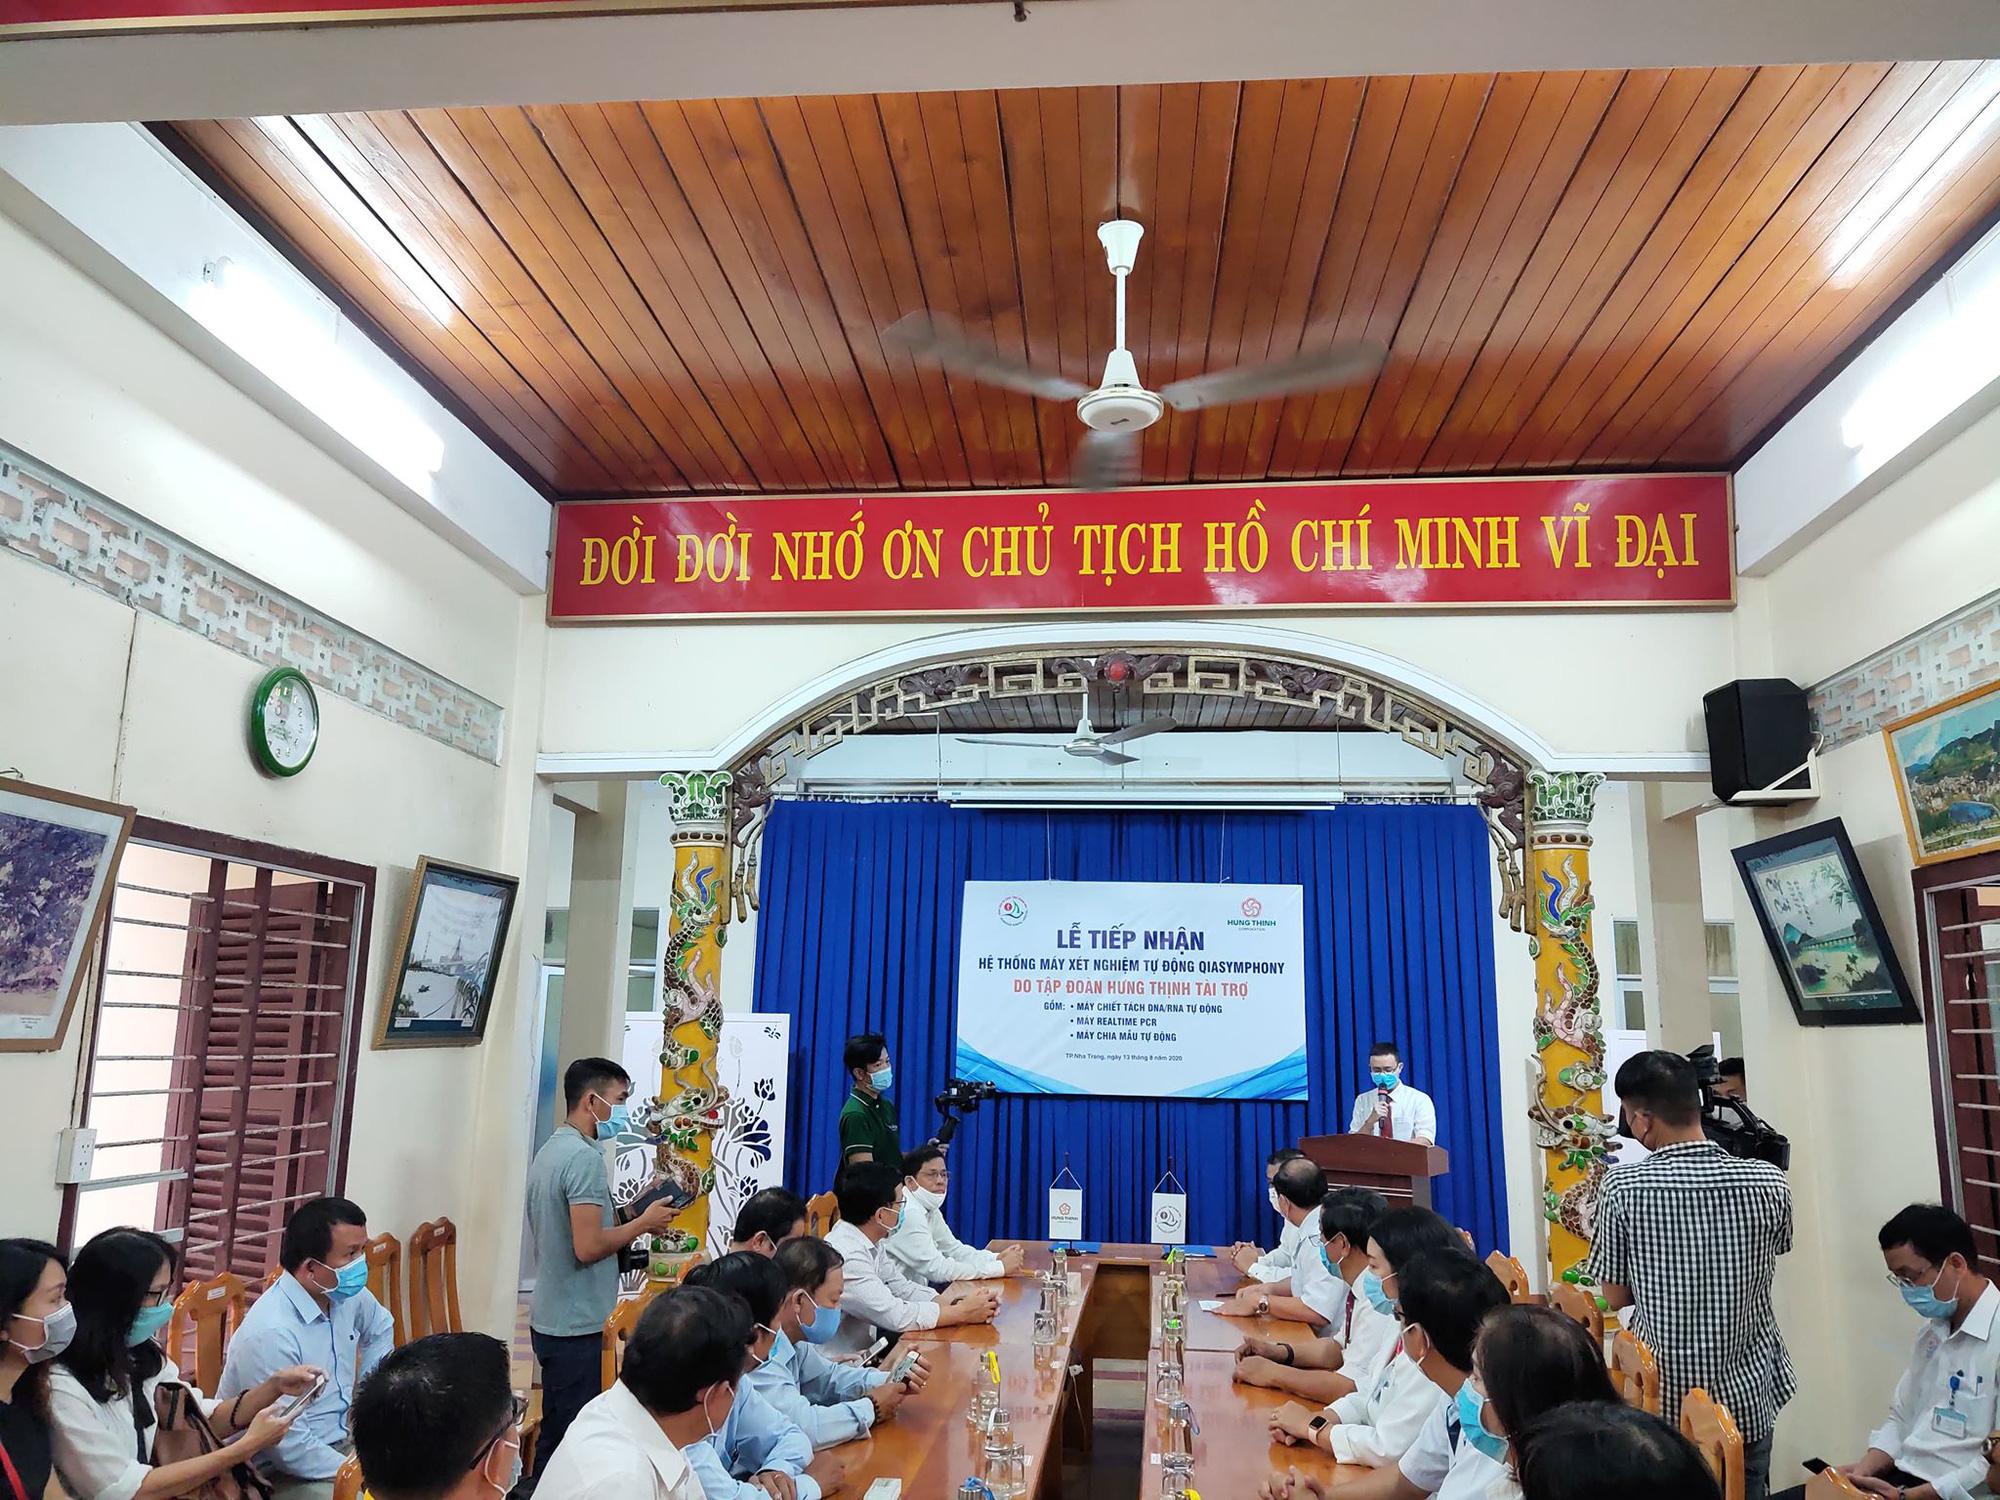 Hưng Thịnh tặng hệ thống máy xét nghiệm Covid-19 cho Bệnh viện Khánh  Hòa - Ảnh 2.